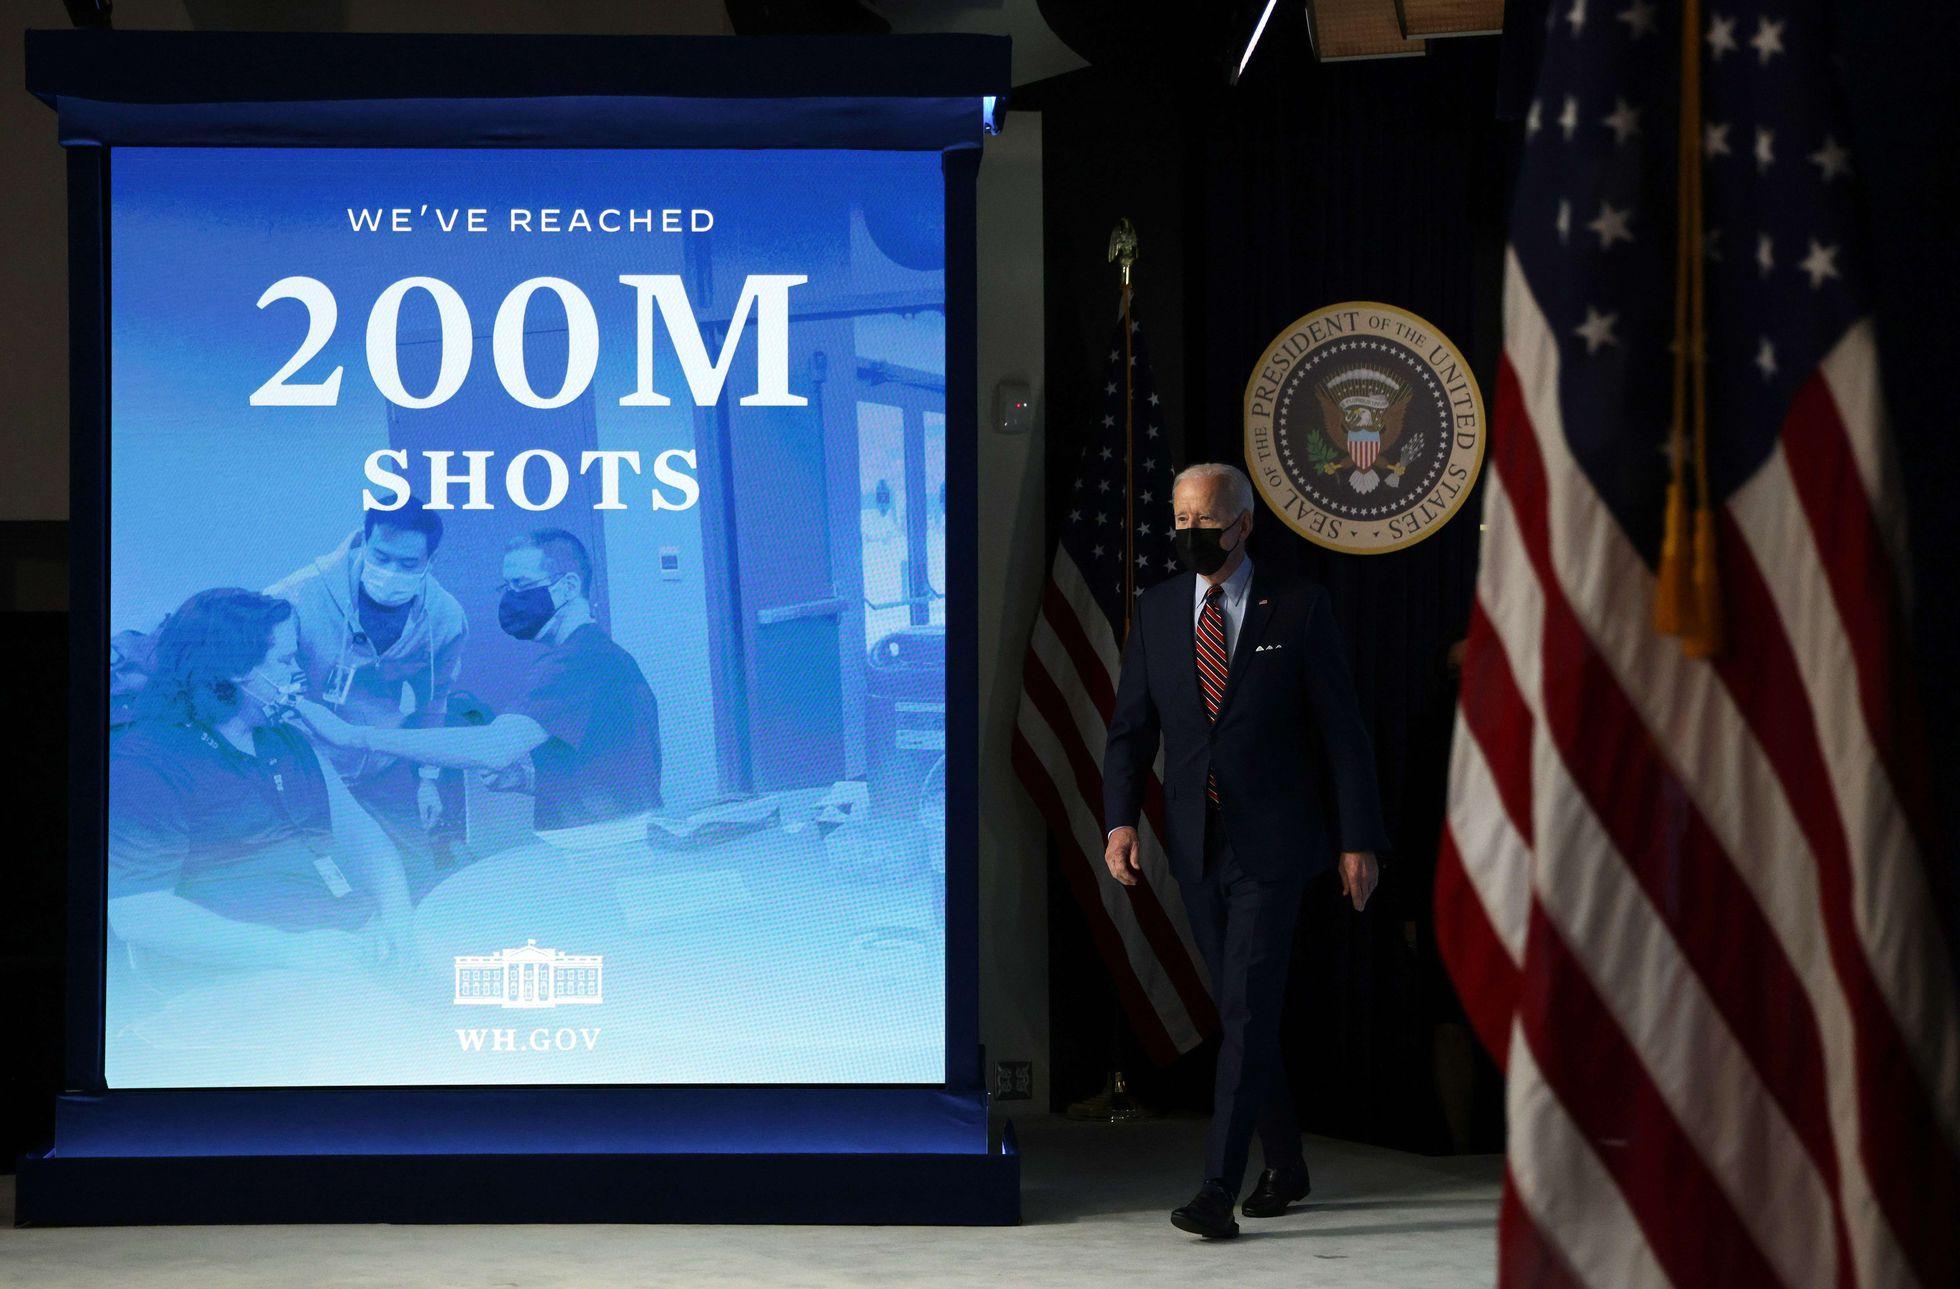 Joe Biden después de anunciar que Estados Unidos ha distribuido 200 millones de inyecciones de la vacuna, el 21 de abril de 2021 en Washington, DC.